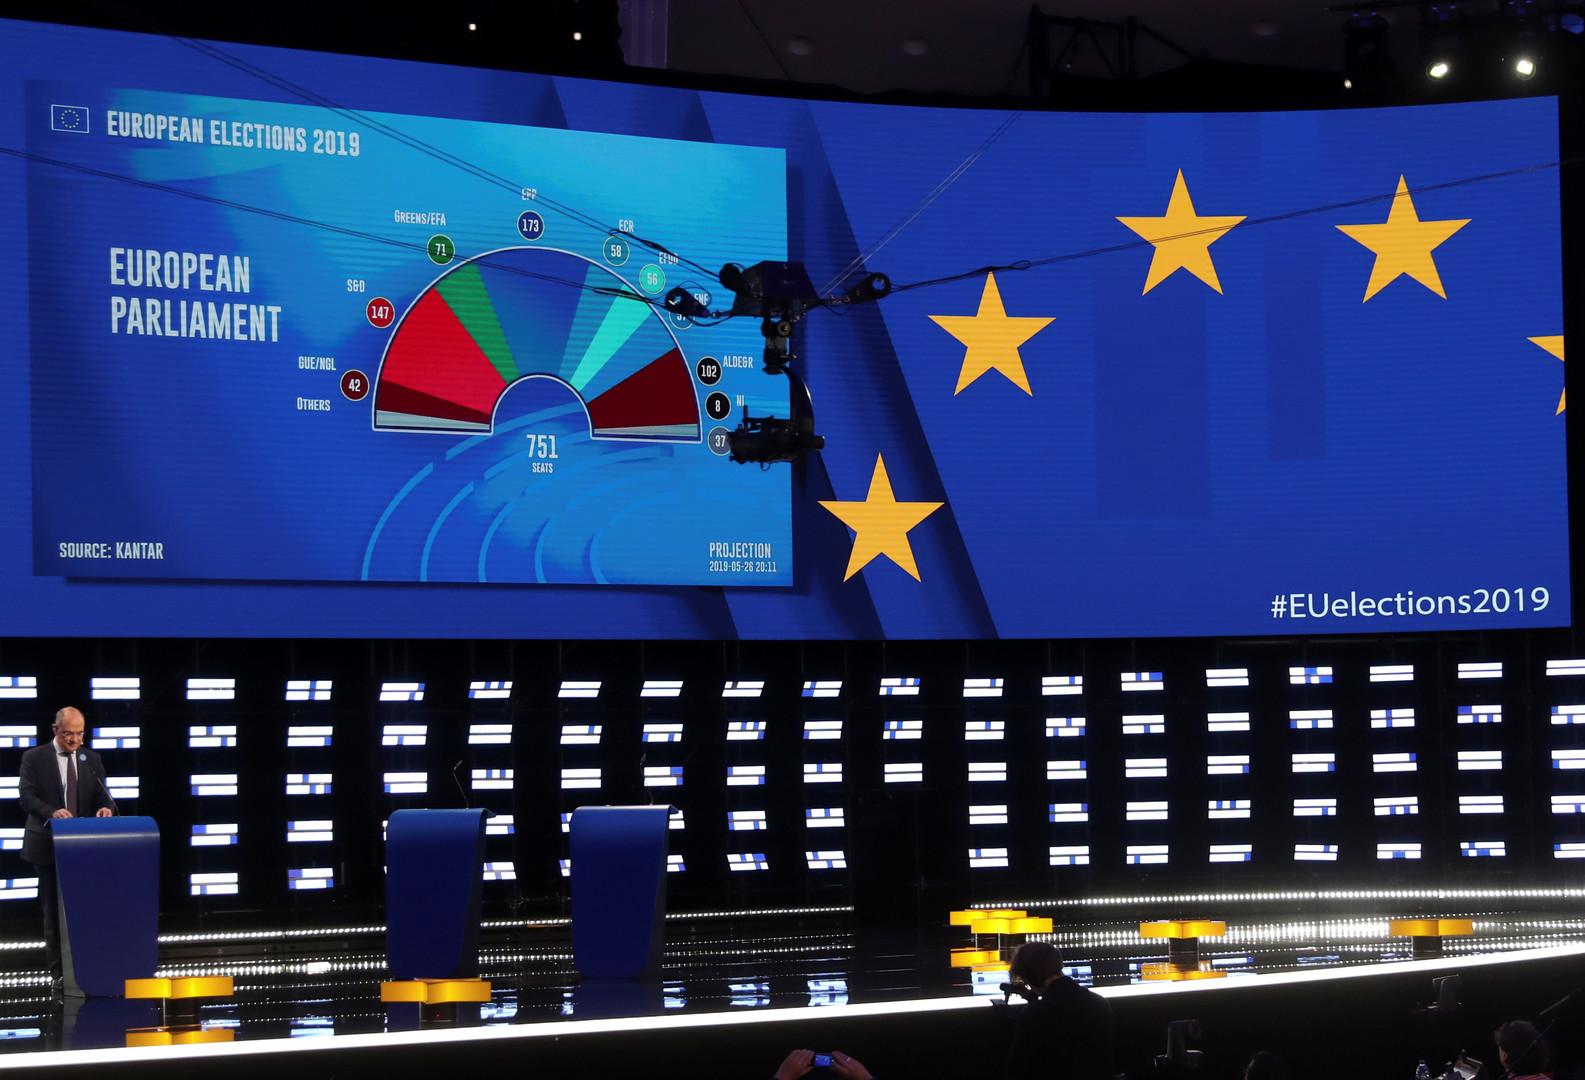 البرلمان الأوروبي يعلن توقعاته بنتائج الانتخابات التشريعية 2019